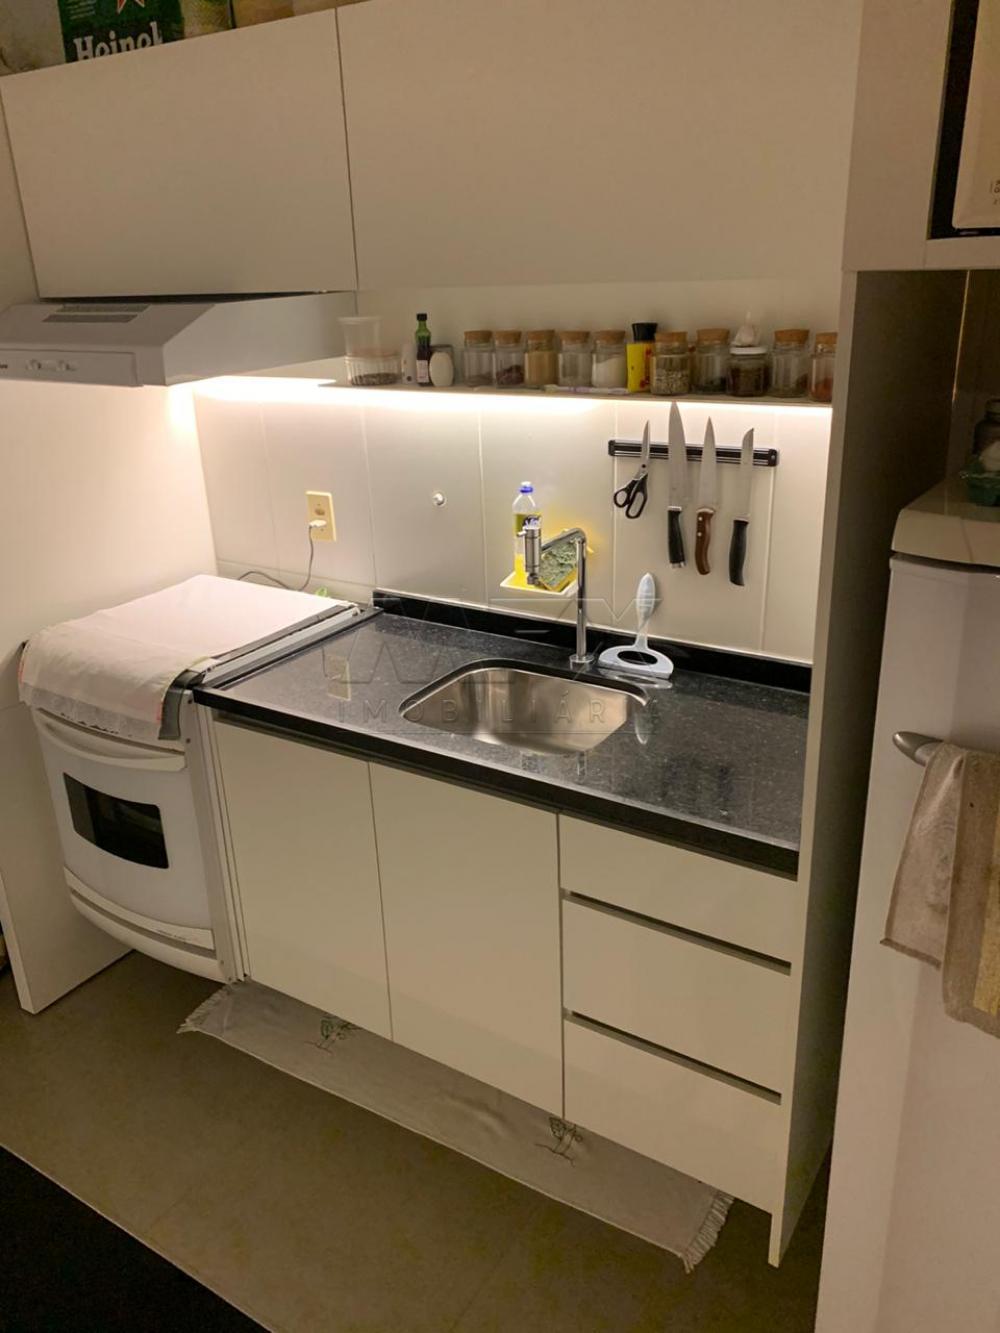 Comprar Apartamento / Padrão em Bauru apenas R$ 155.000,00 - Foto 2